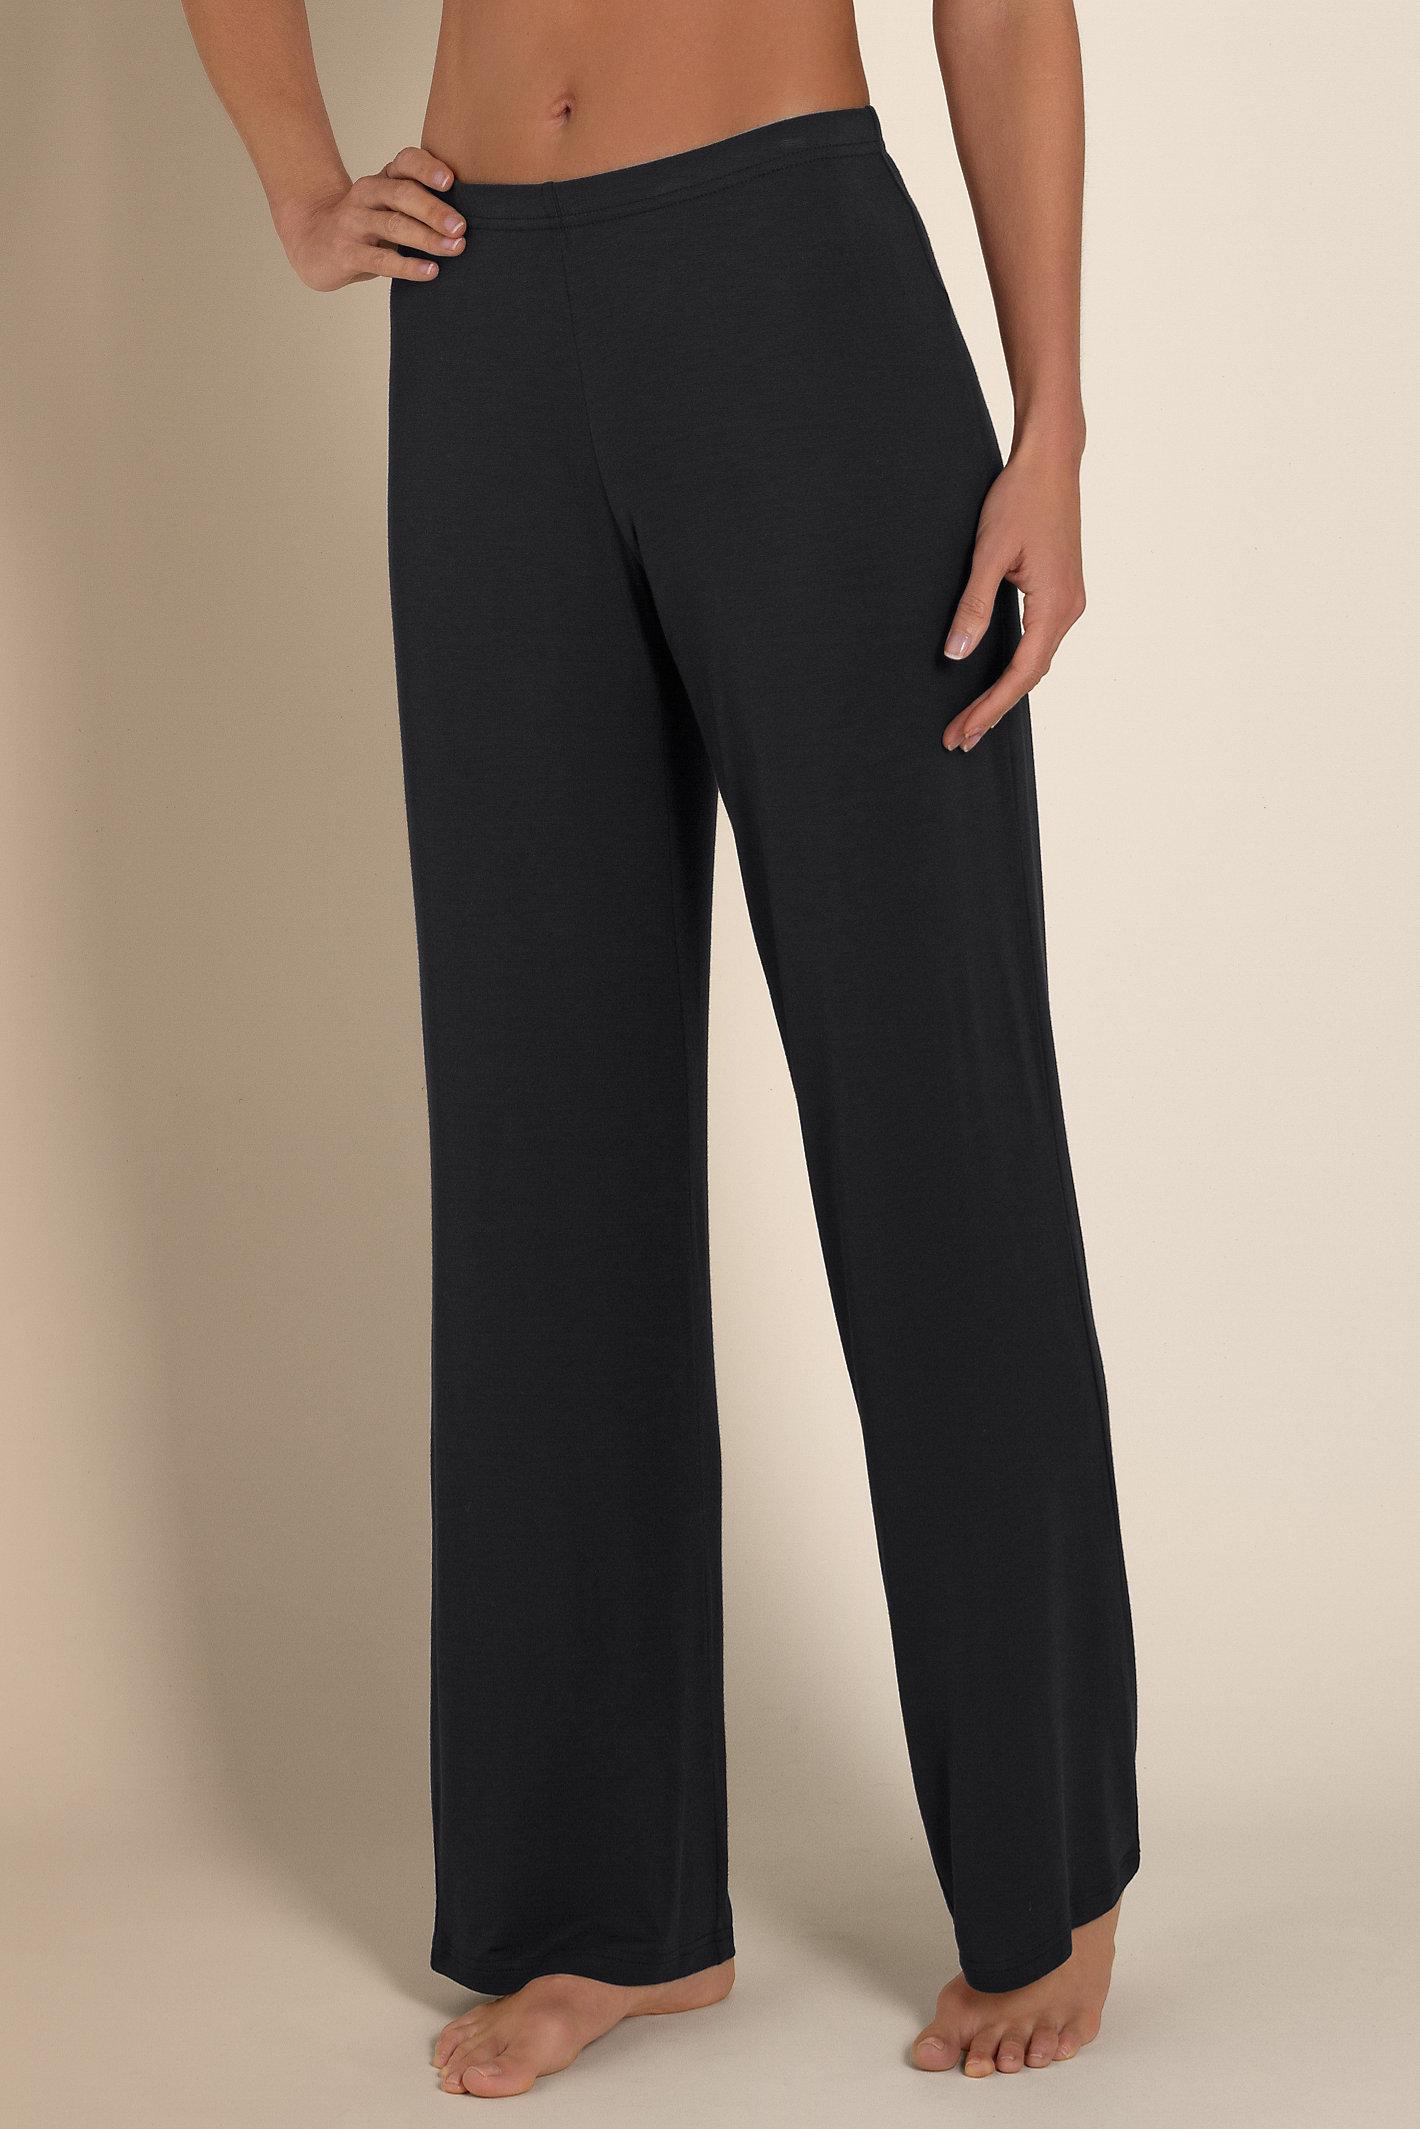 Lily Lounge Bamboo Pants